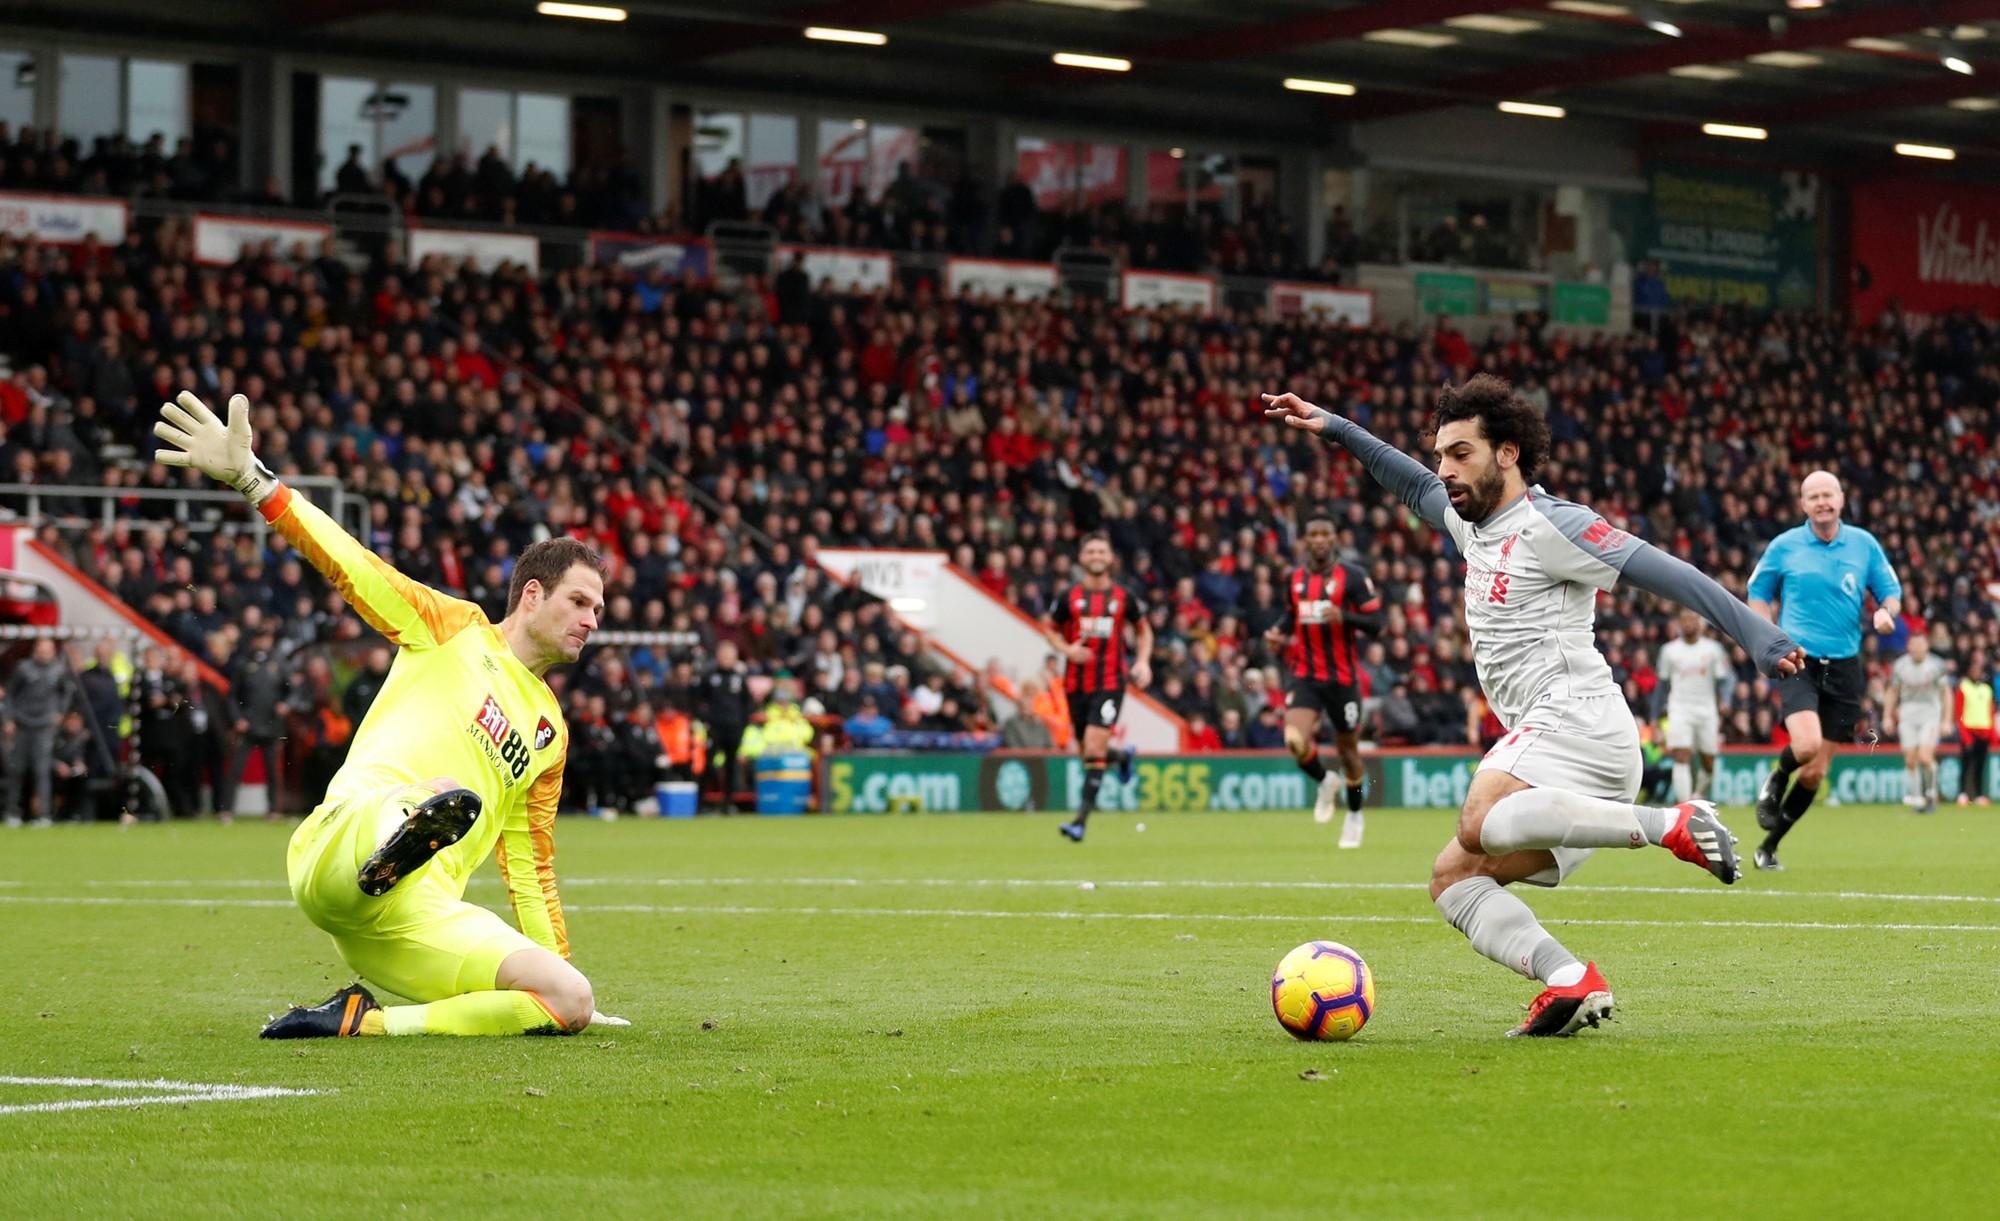 Salah lập hat-trick, Liverpool tạm chiếm ngôi đầu bảng - Ảnh 2.